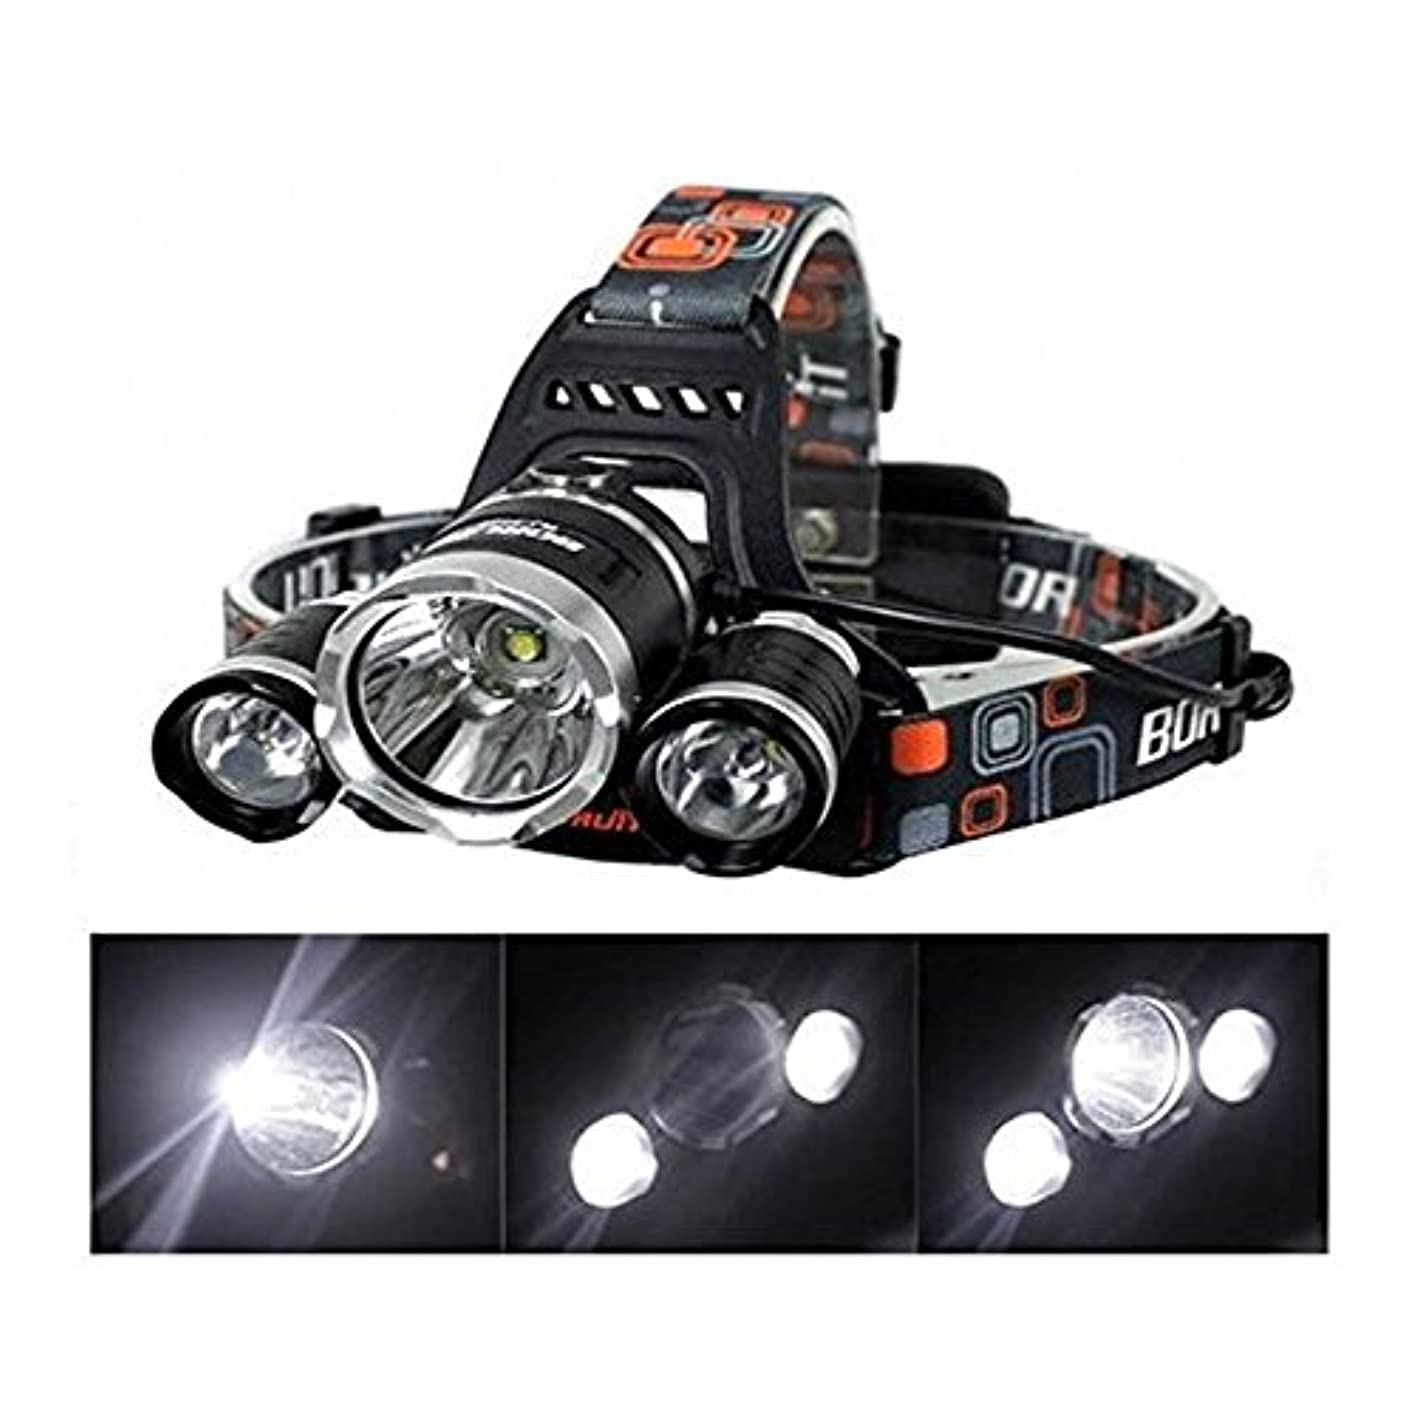 不快木北東SD 登山 夜釣り アウトドア キャンプ 多機能 ヘッドライト LEDライト 防水超強力 5000LM 4点灯モード CYUBEREI